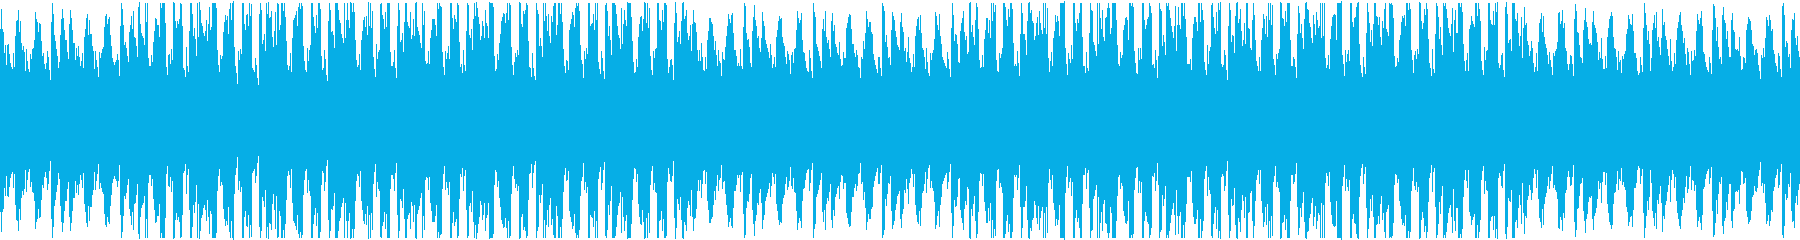 ローファイ・トークを邪魔しない・ループの再生済みの波形